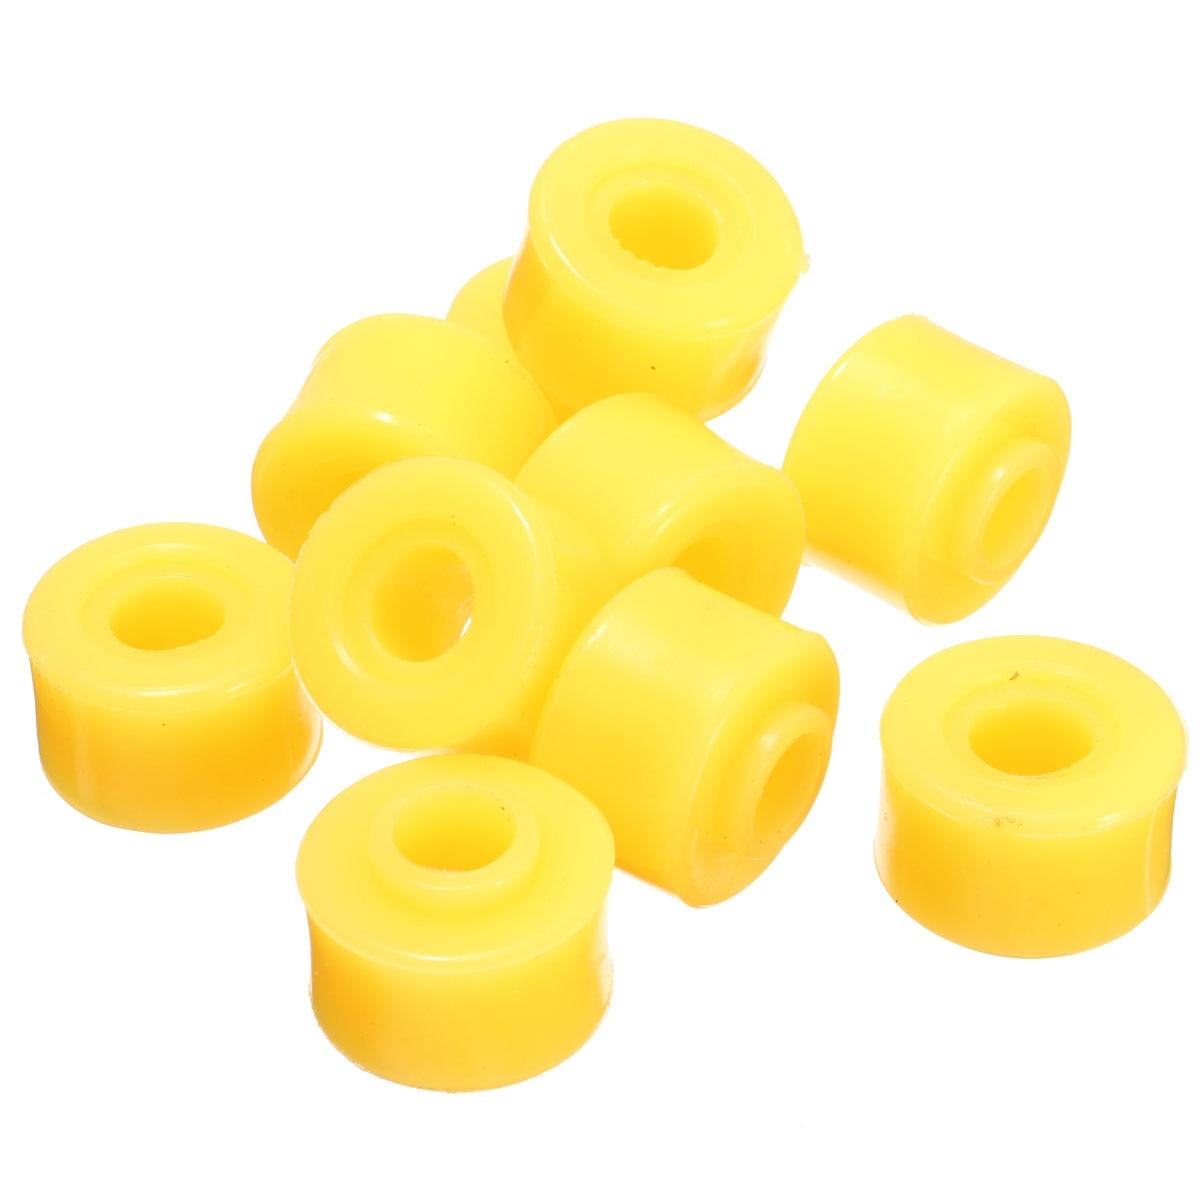 10mm 10 Uds diámetro interior amarillo protección de golpes de goma bujes de absorción parte para Auto coche